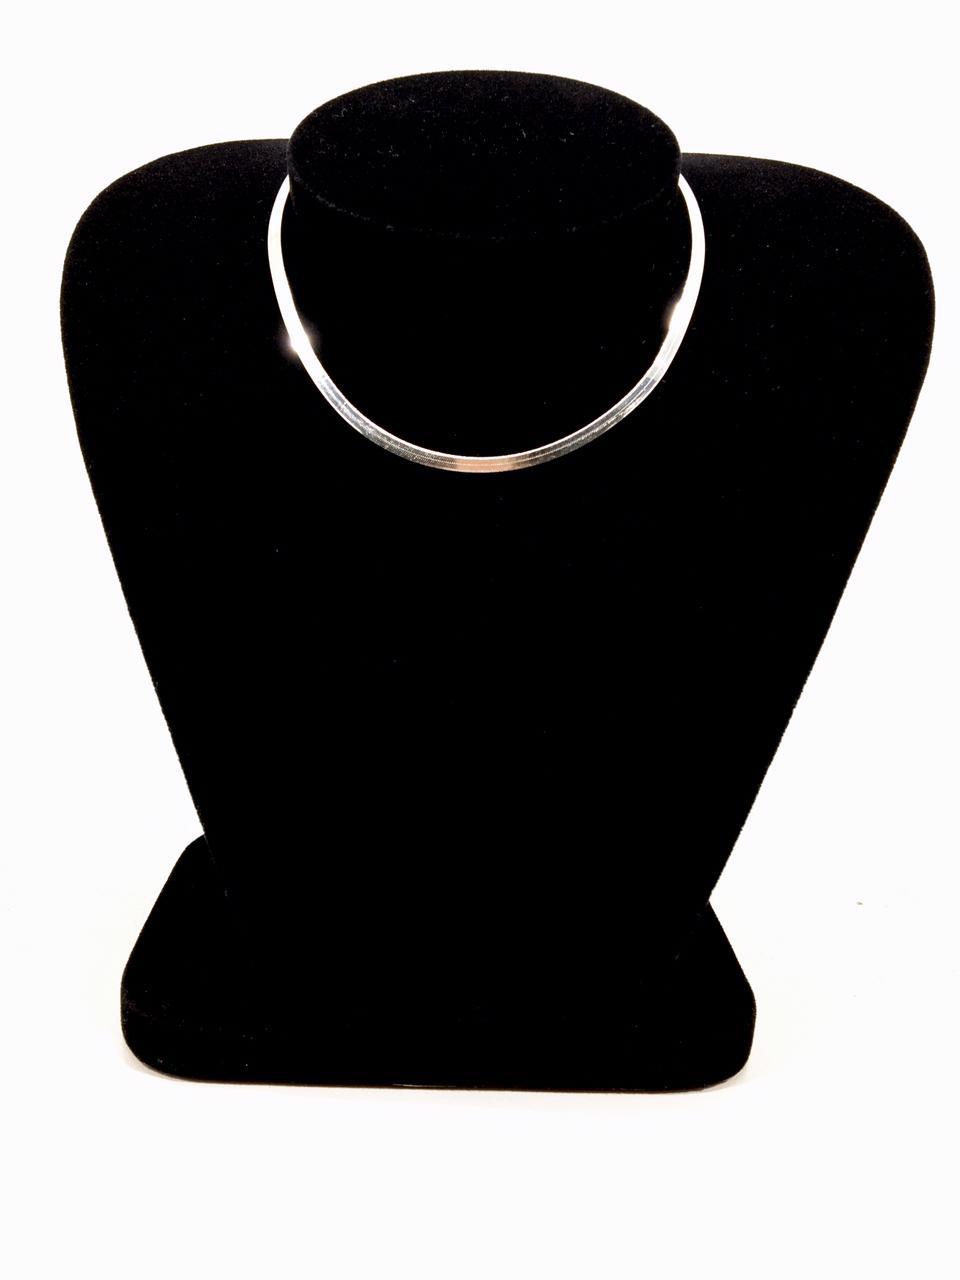 Colar Feminino - Prata 925 - Laminado Liso - 40 Cm - 3 Mm